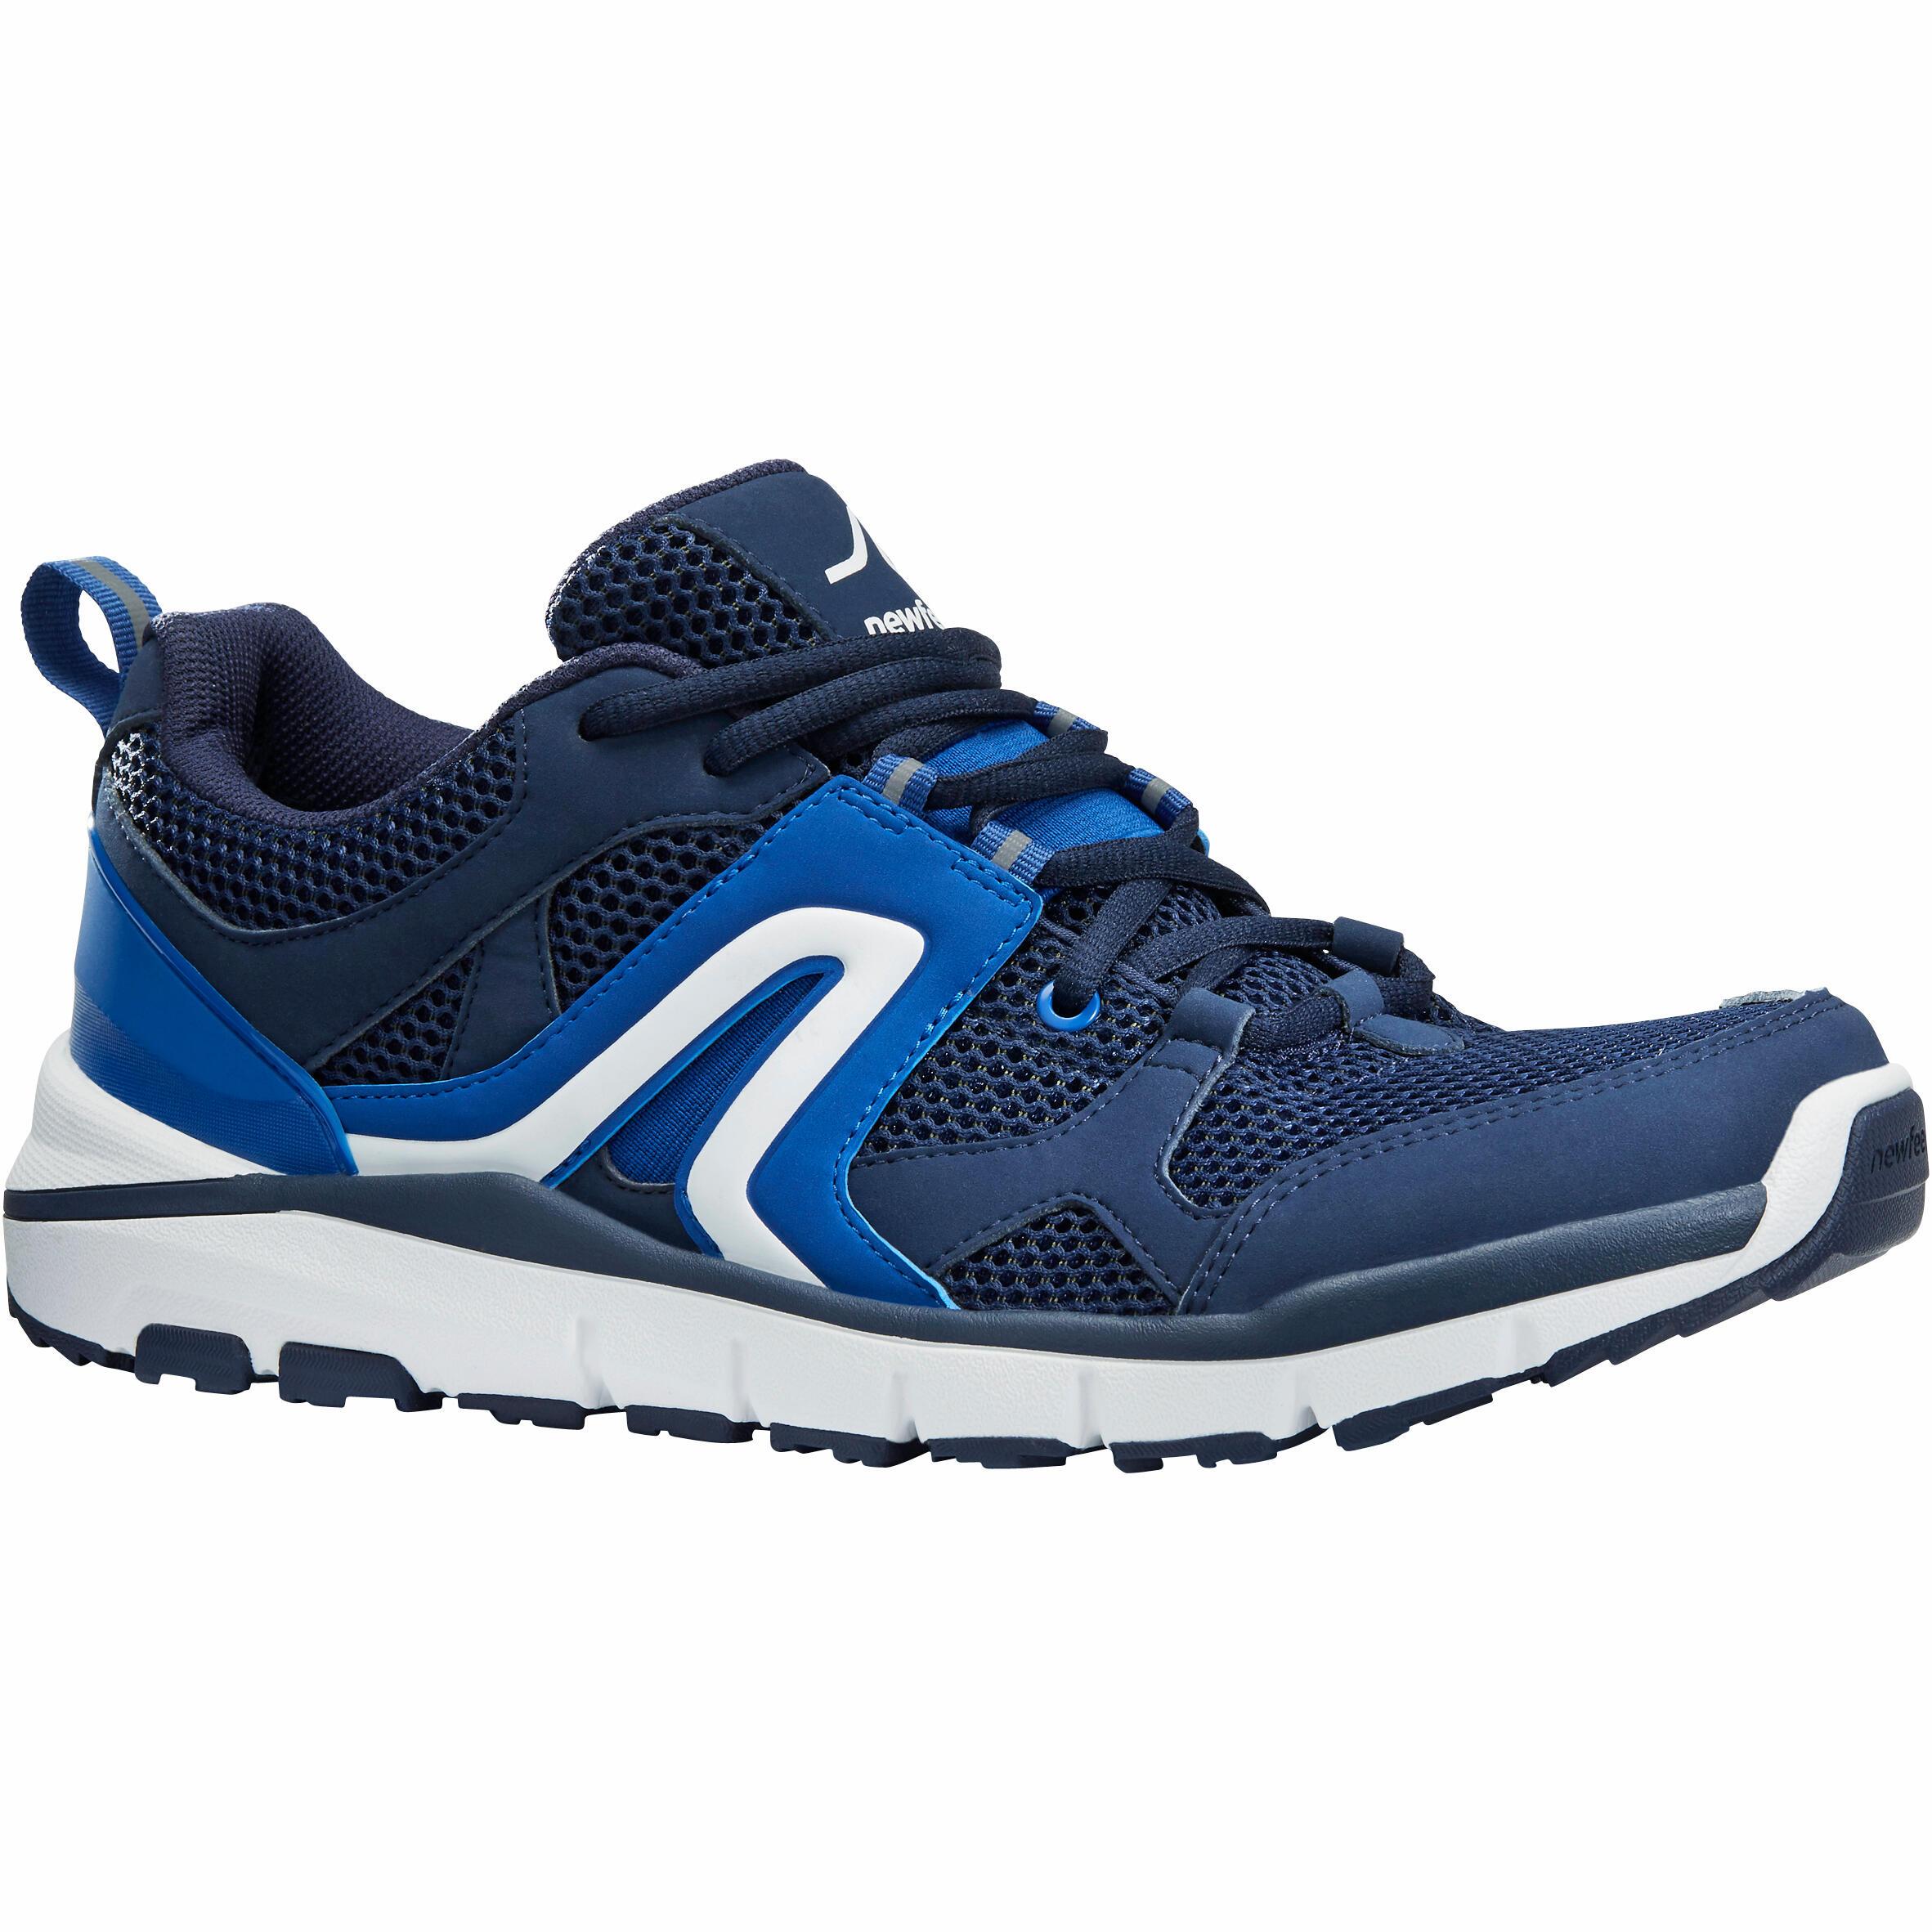 Newfeel Herensneakers voor sportief wandelen HW 500 mesh marineblauw